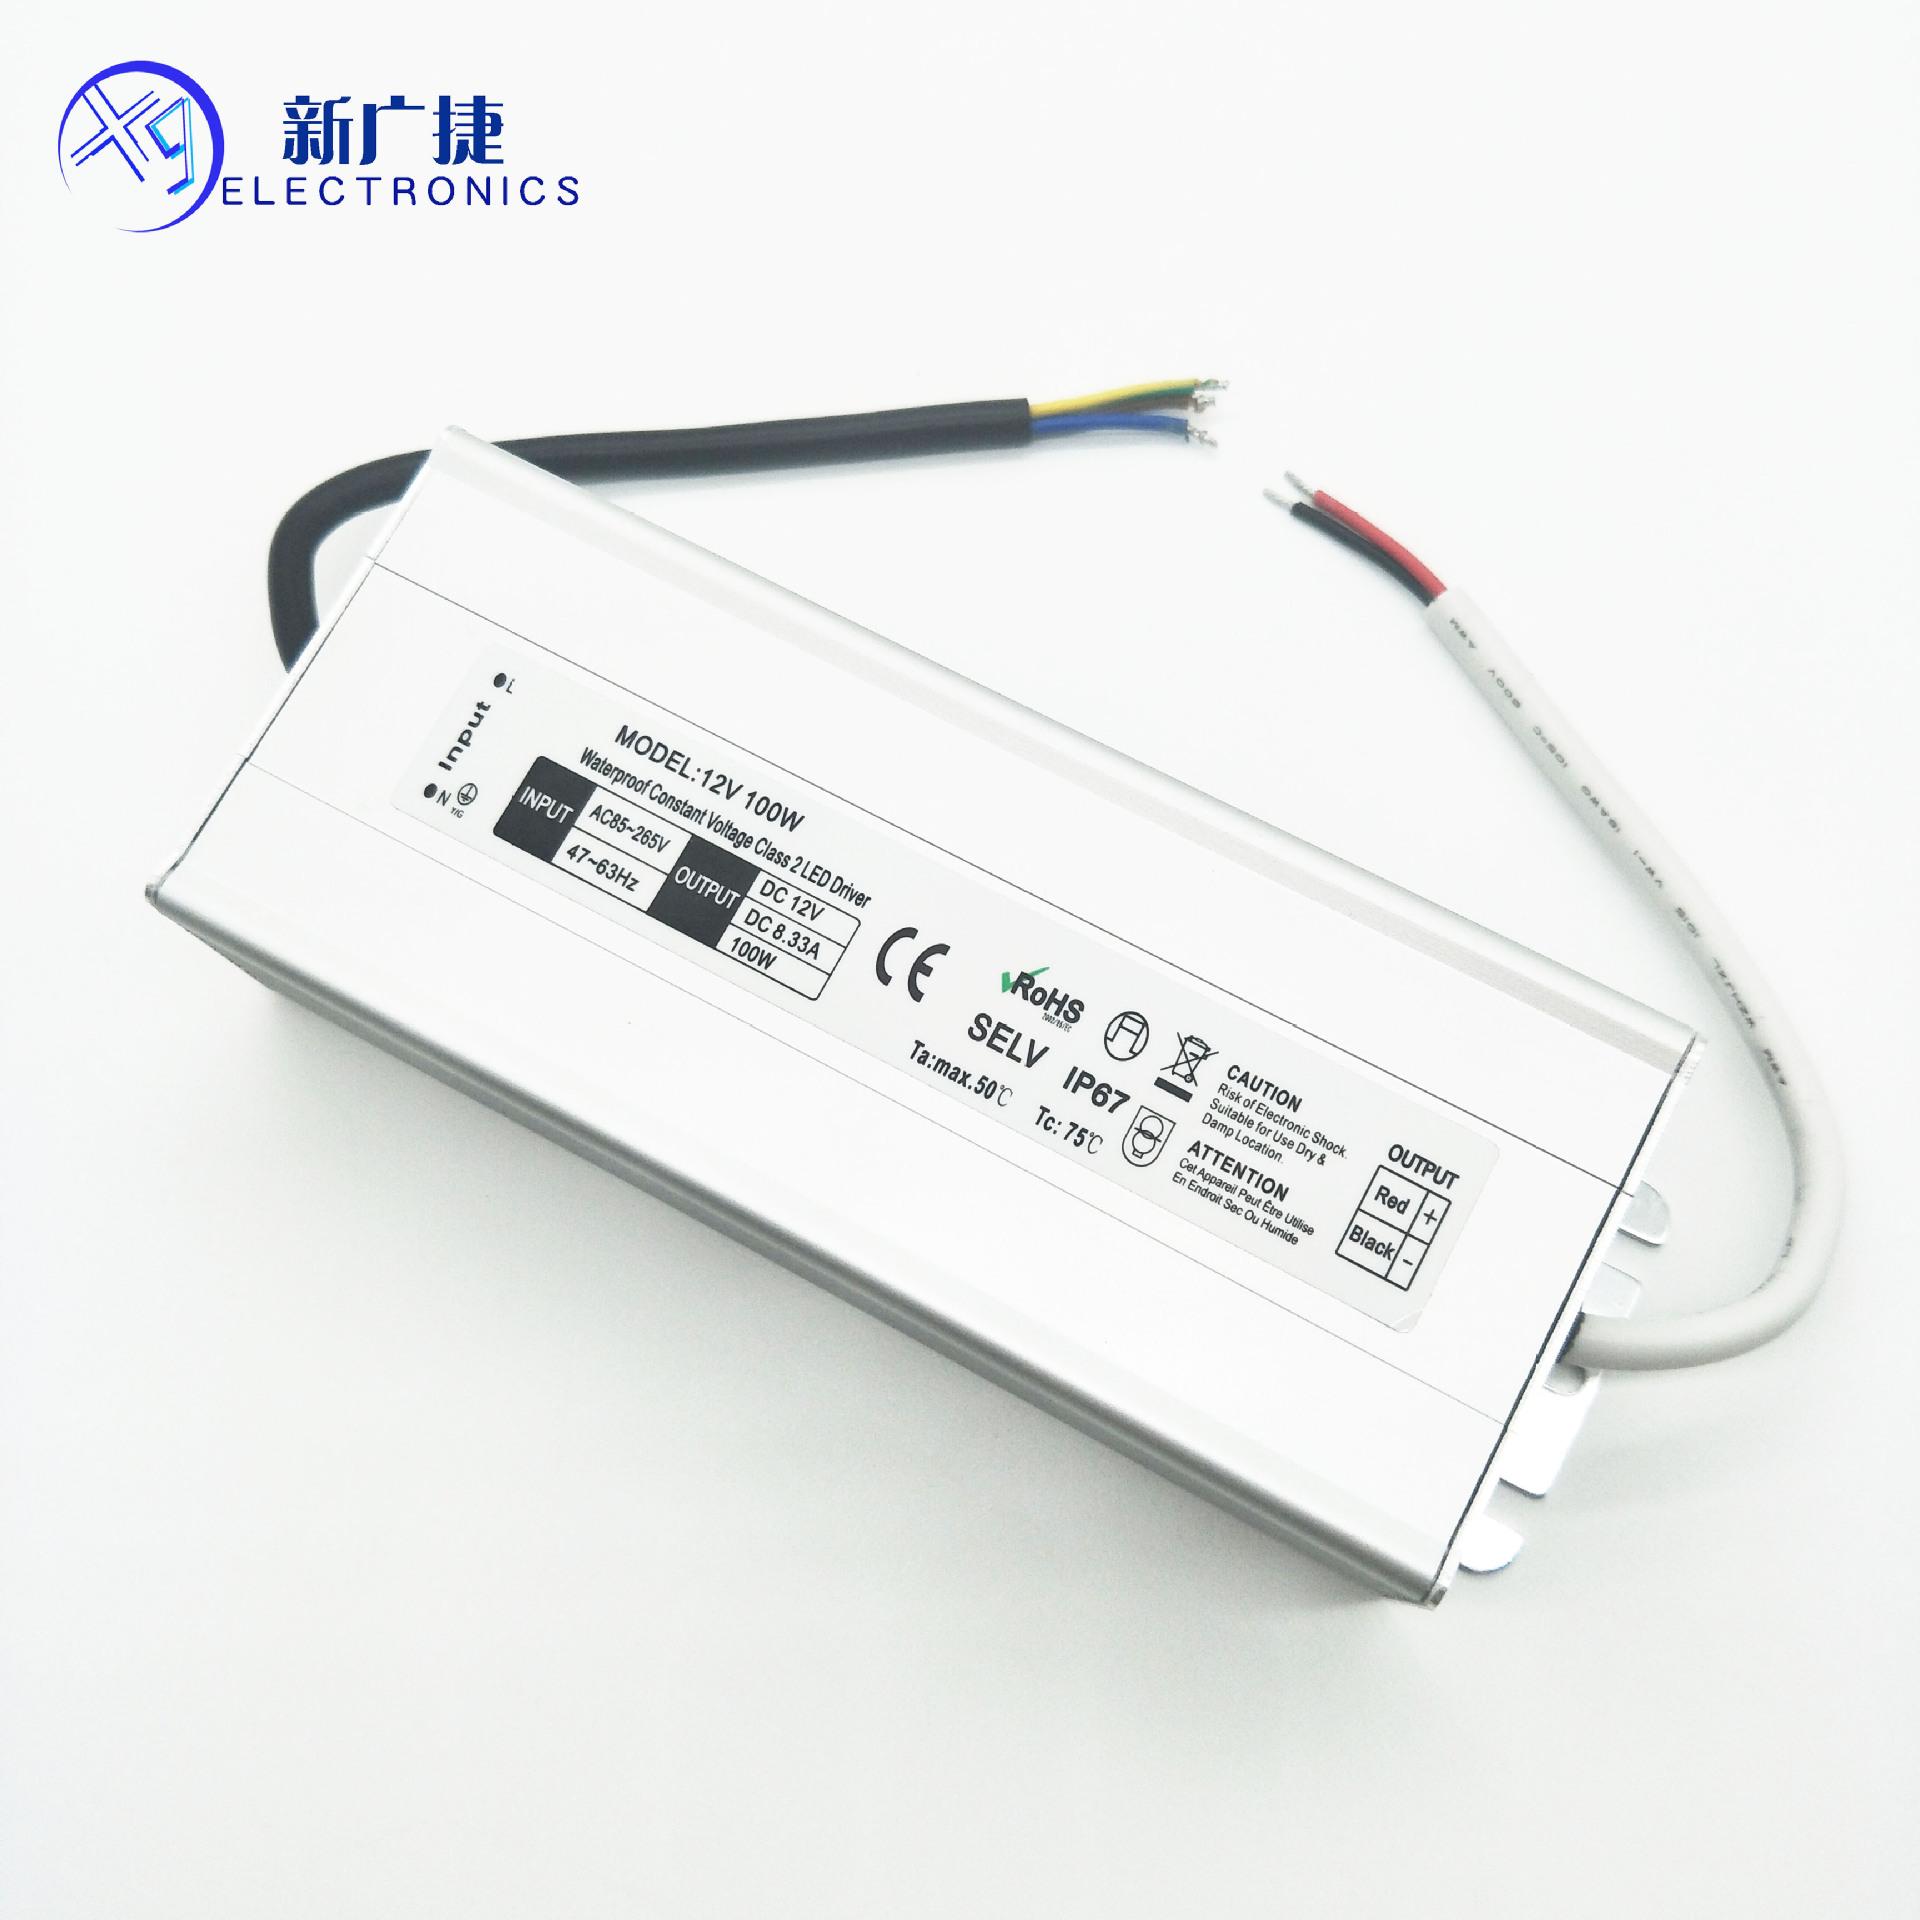 XINGUANGJIE Bộ nguồn cho đèn LED Nguồn cung cấp năng lượng chống nước LED 12V100W Điện áp không đổi